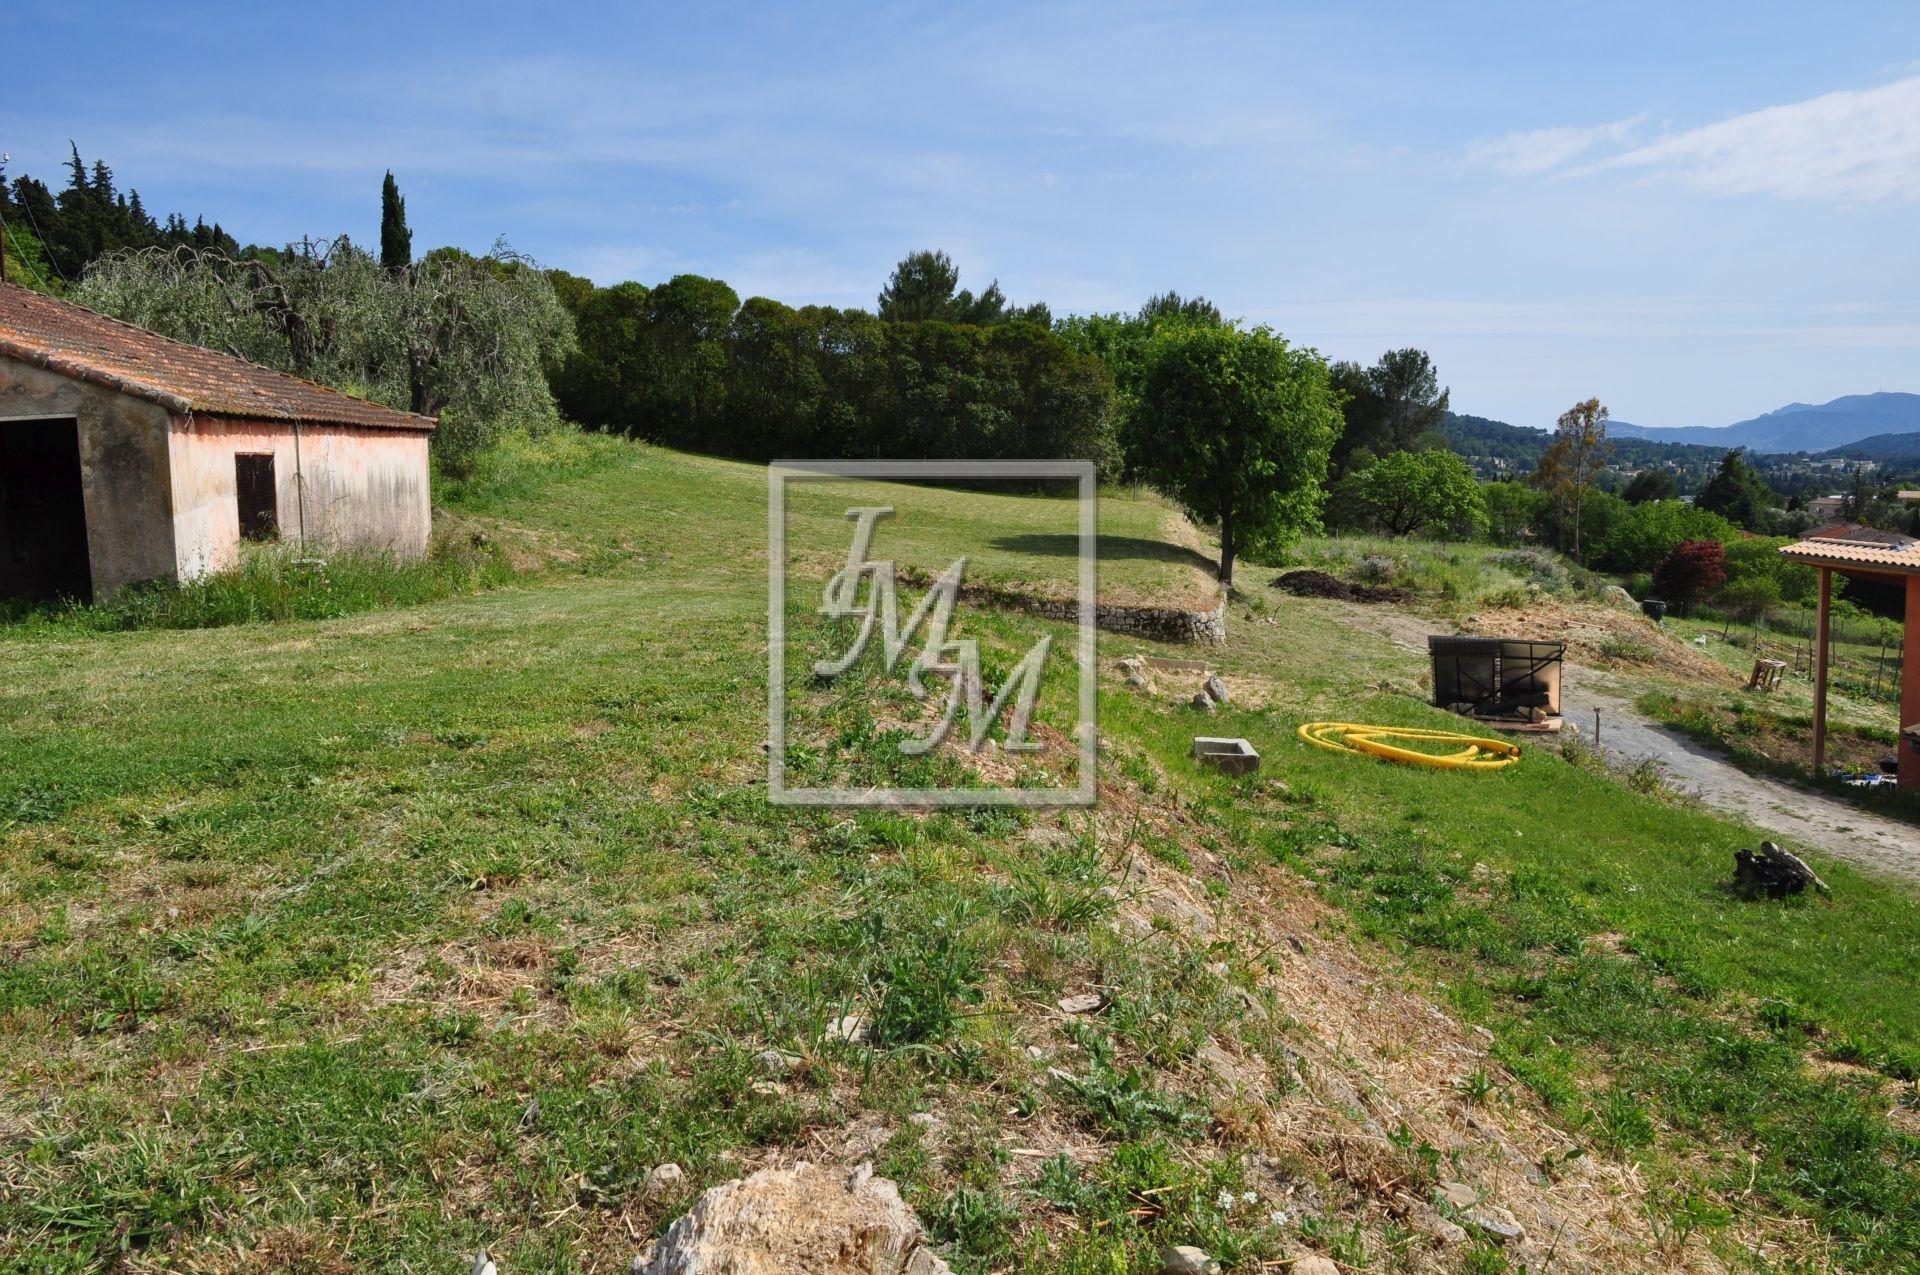 Vente Terrain à Mouans-Sartoux avec projet de Construction obtenu.